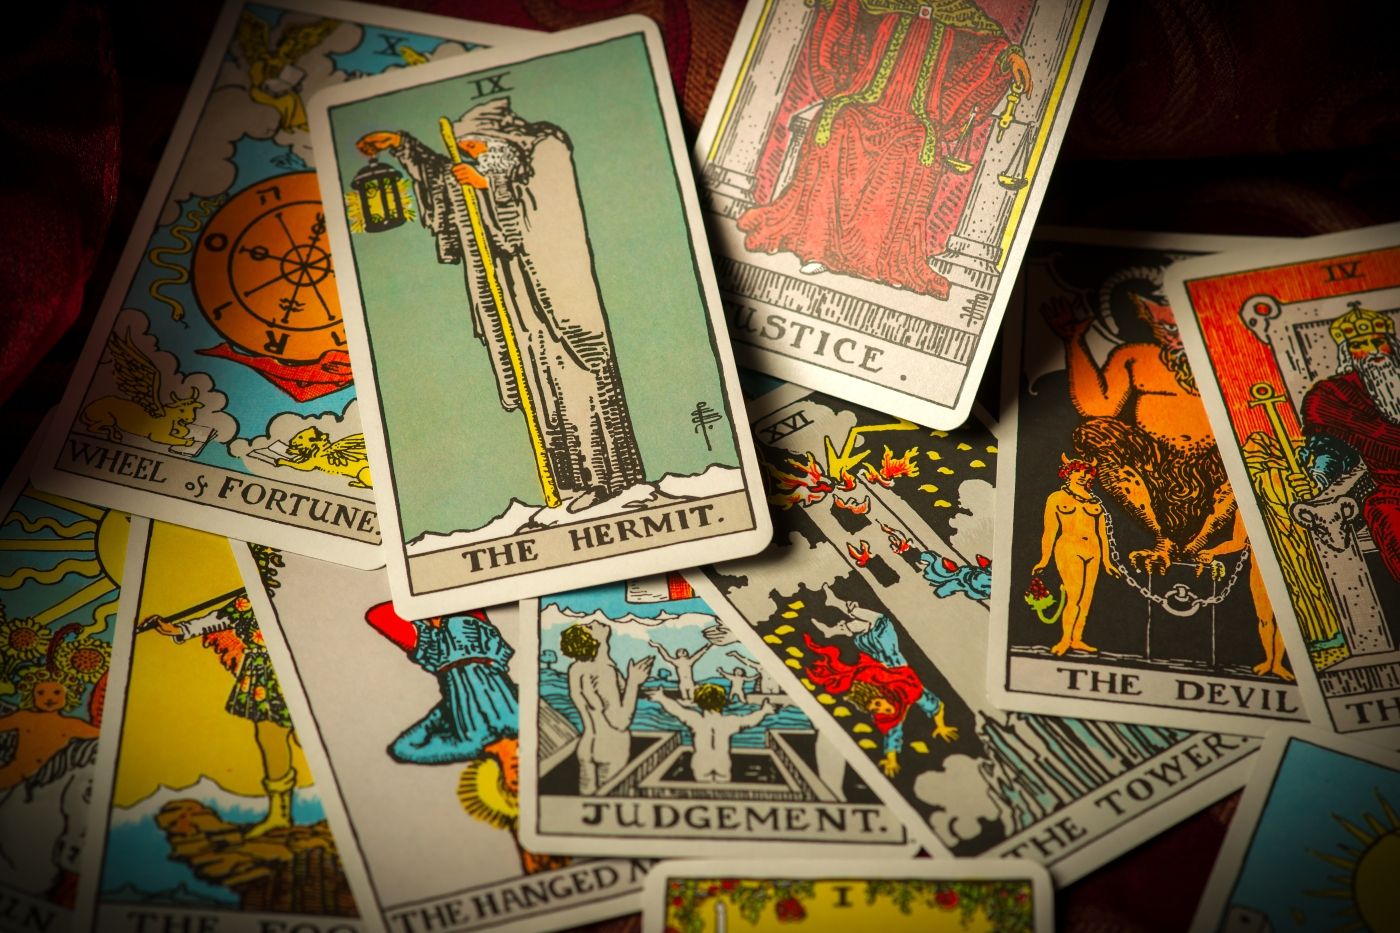 tarot, tarot cards, how tarot works, how do tarot cards work, how does tarot work, how to tarot